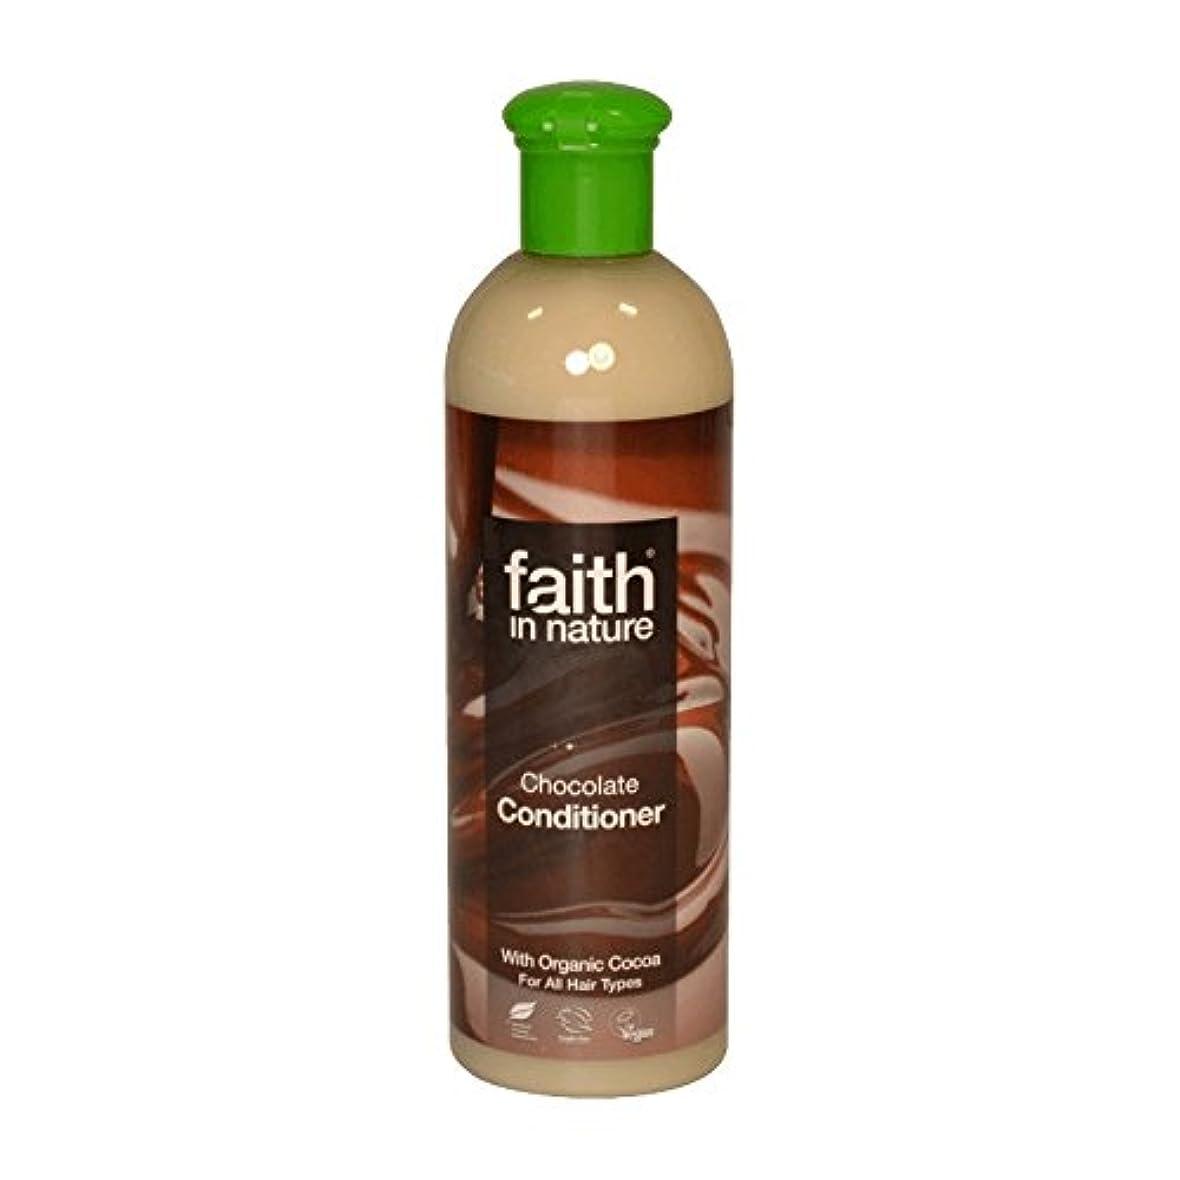 かけがえのないうれしいスプーン自然チョコレートコンディショナー400ミリリットルの信仰 - Faith In Nature Chocolate Conditioner 400ml (Faith in Nature) [並行輸入品]